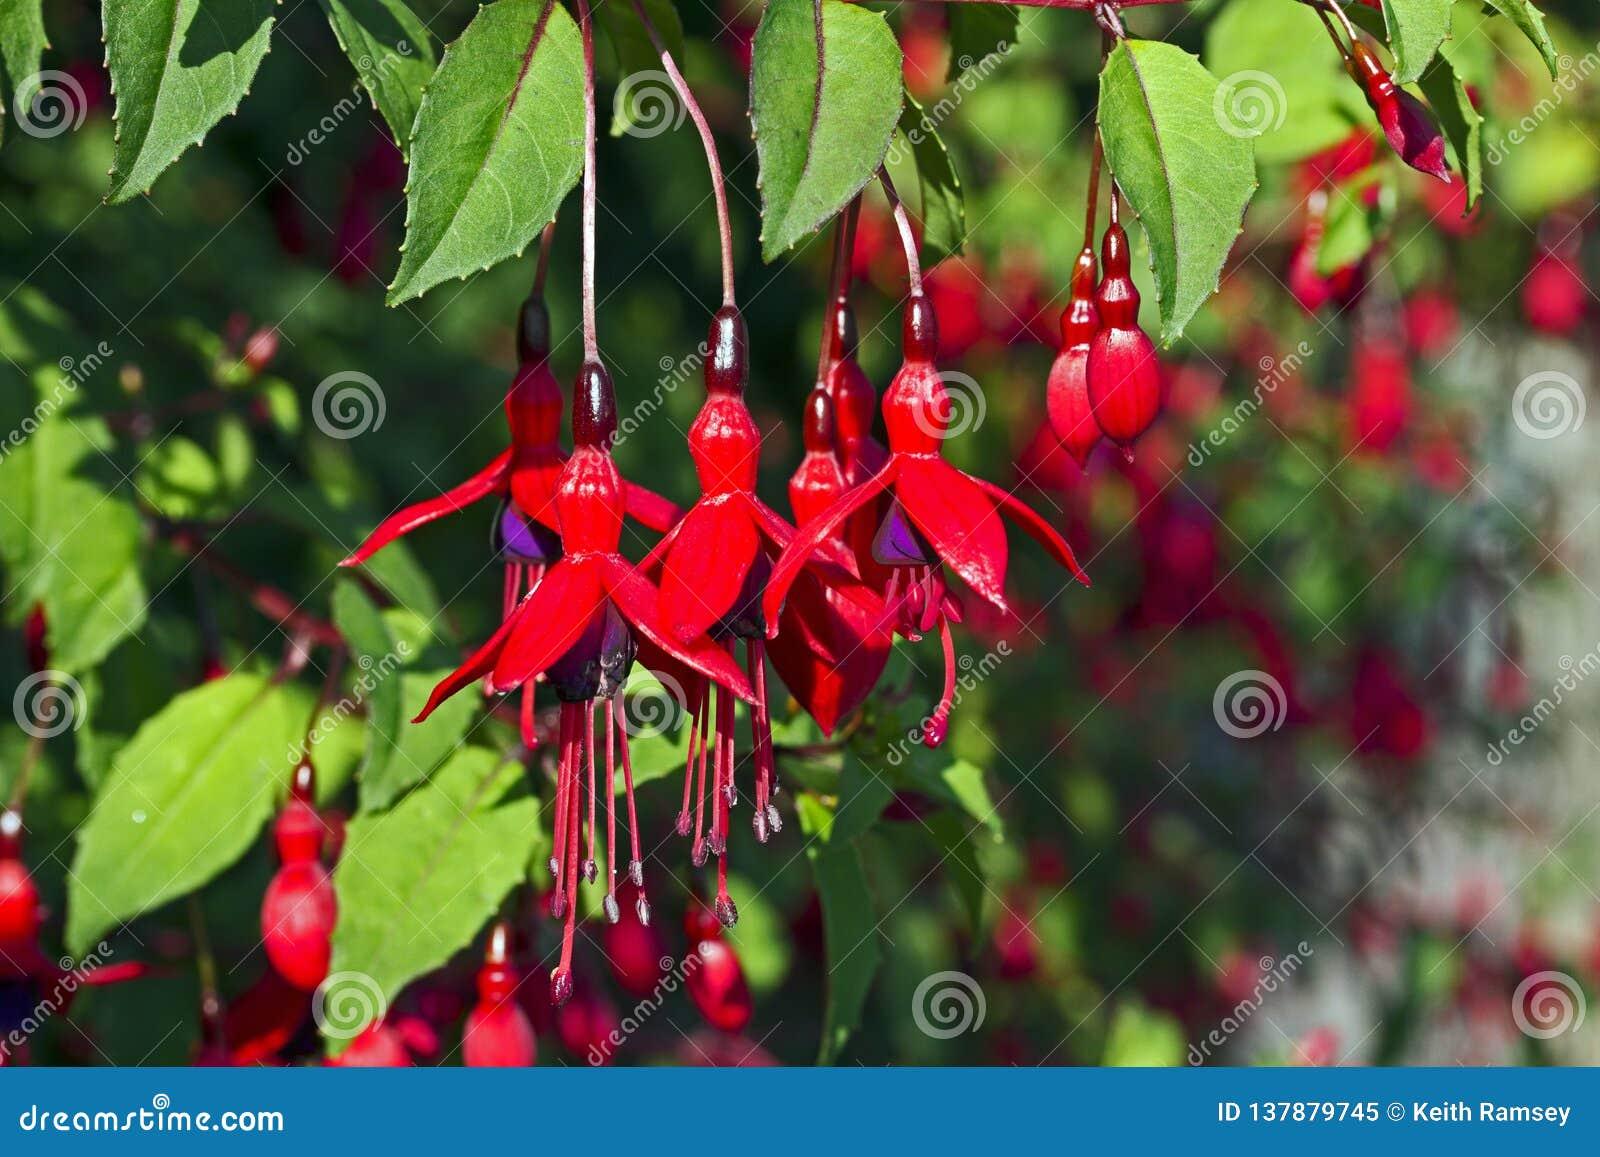 A fuchsia plant in flower